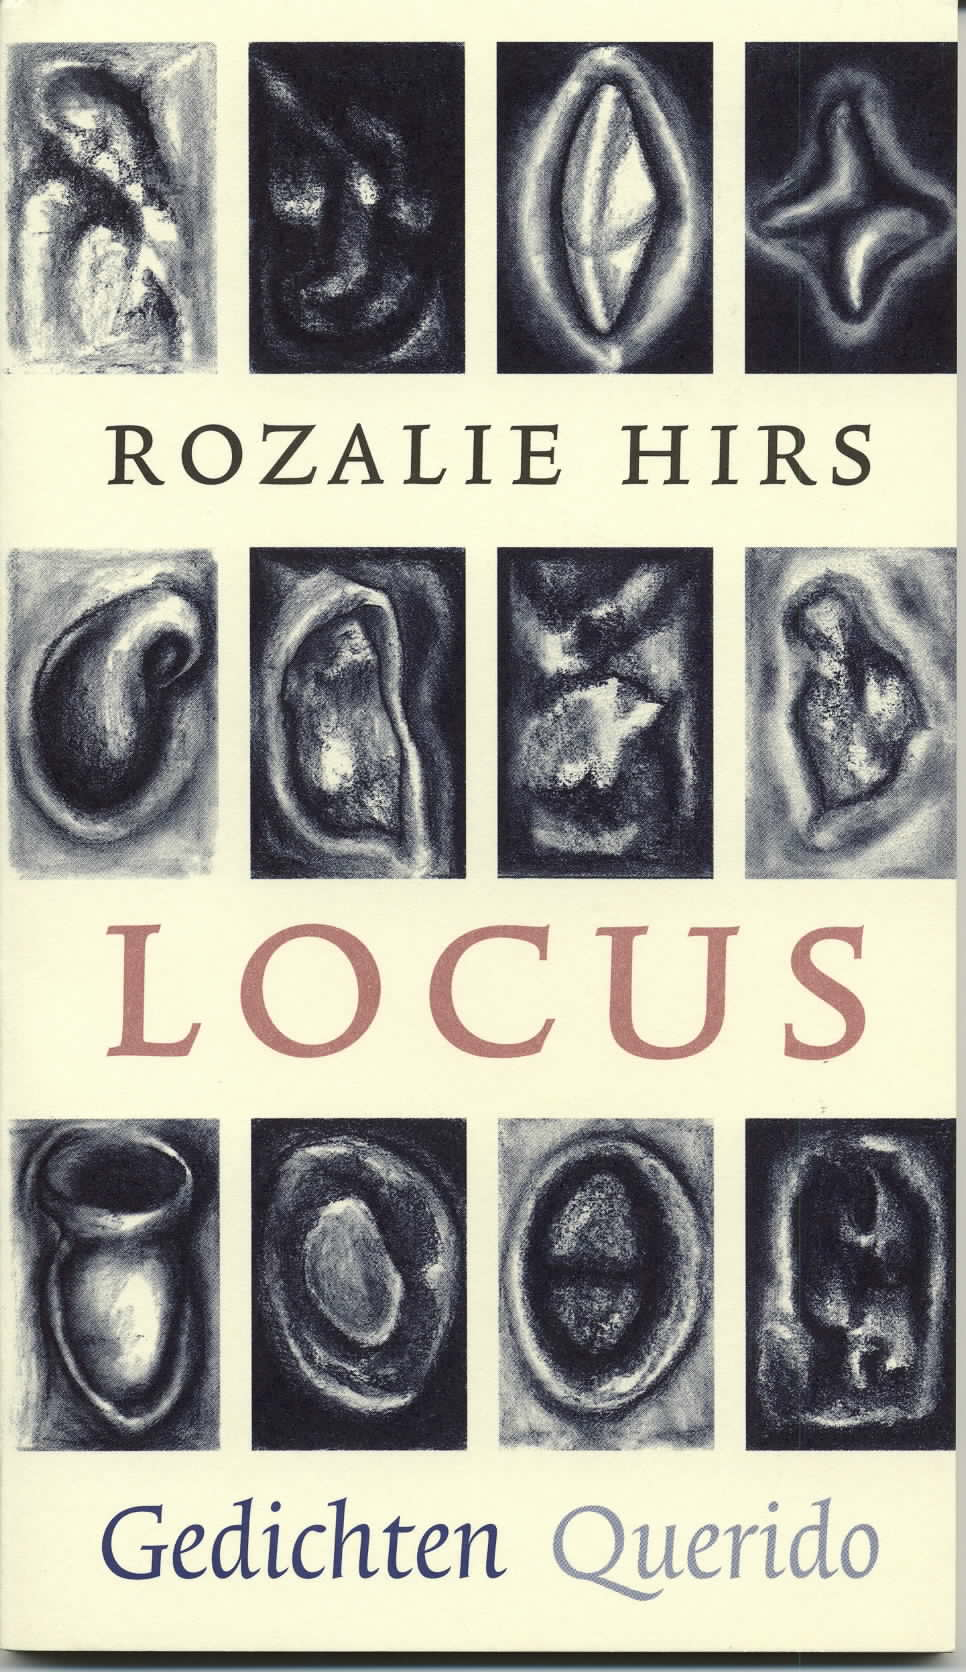 Rozalie Hirs Locus 1998